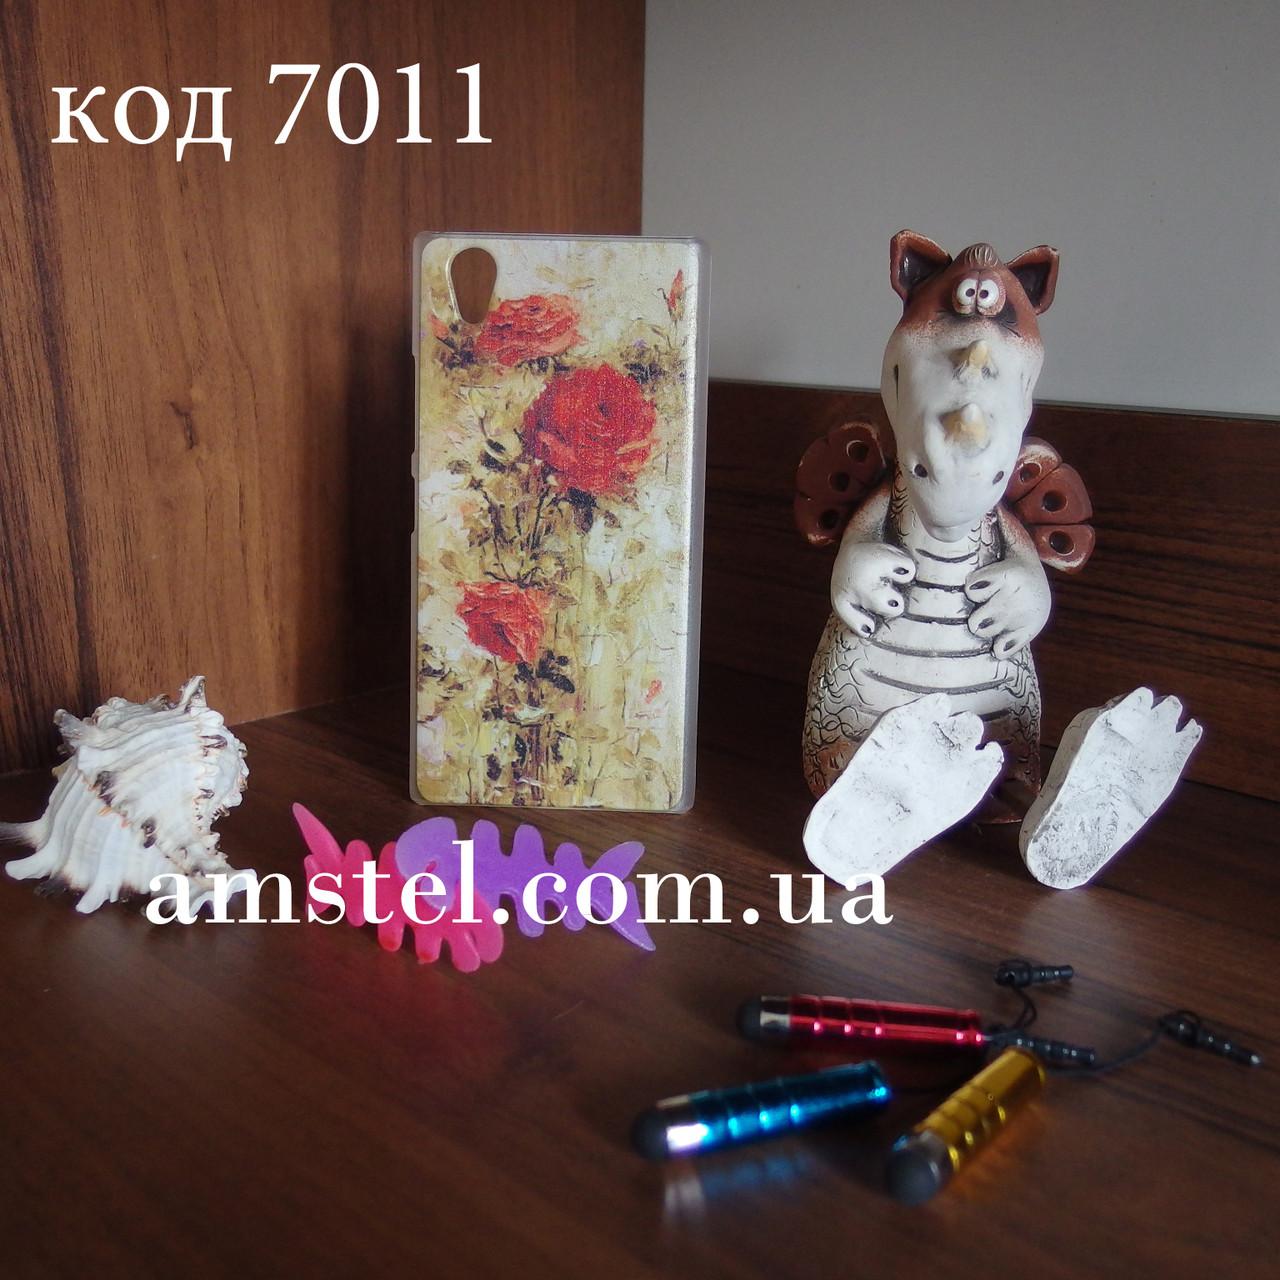 Чехол для lenovo p70 панель накладка с рисунком картина розы